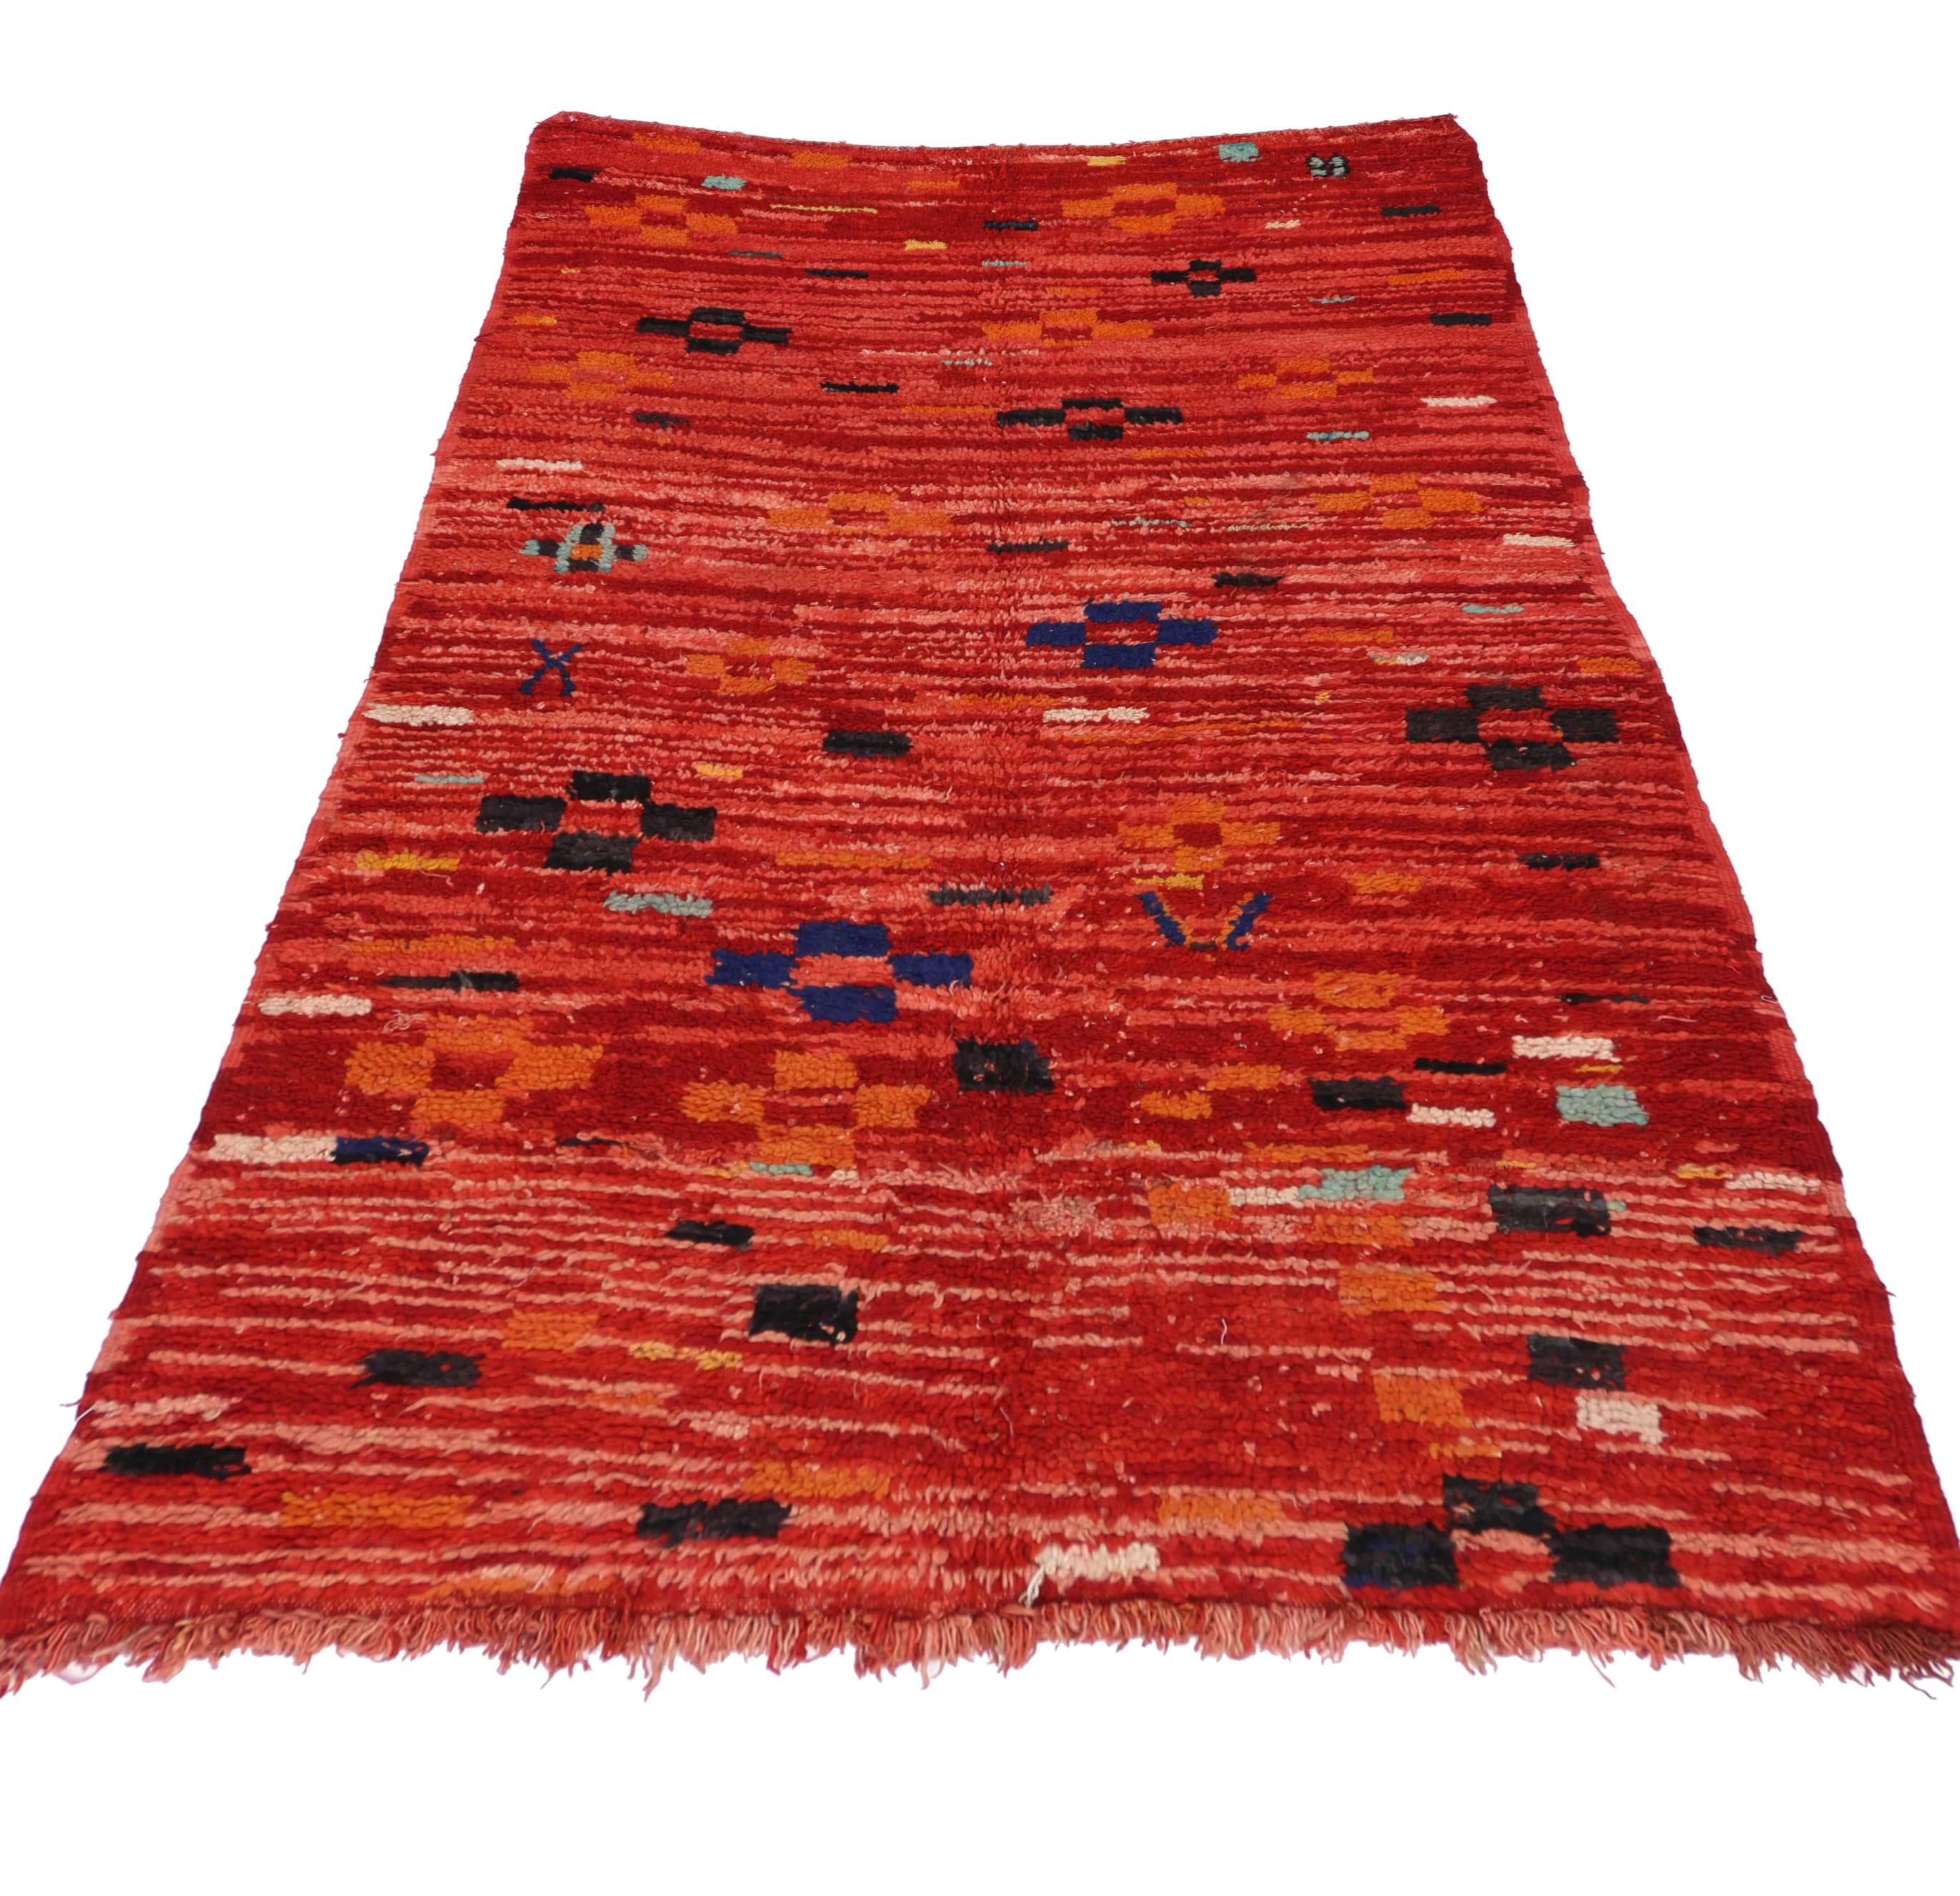 4 X 7 Vintage Moroccan Rug 74560